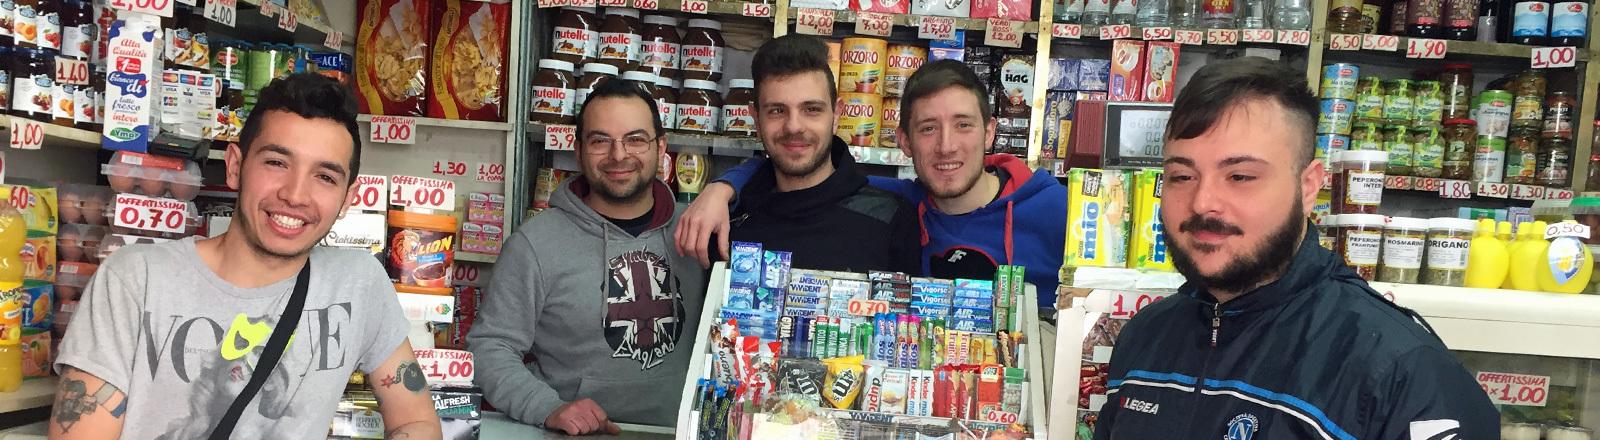 Jugendliche und junge Erwachsene in einem Kiosk in Neapel.